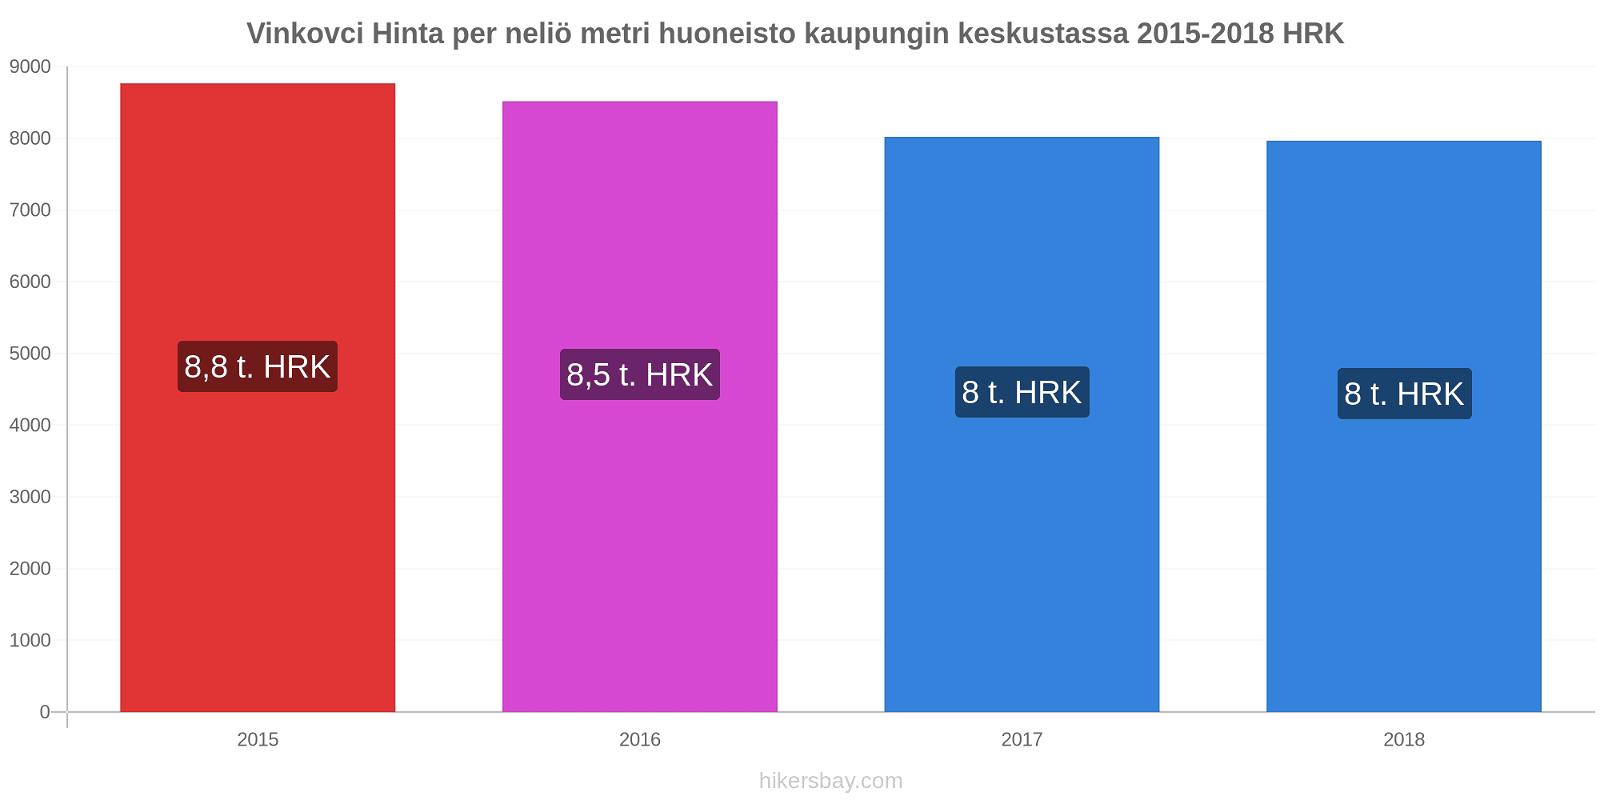 Vinkovci hintojen muutokset Hinta per neliö metri huoneisto kaupungin keskustassa hikersbay.com